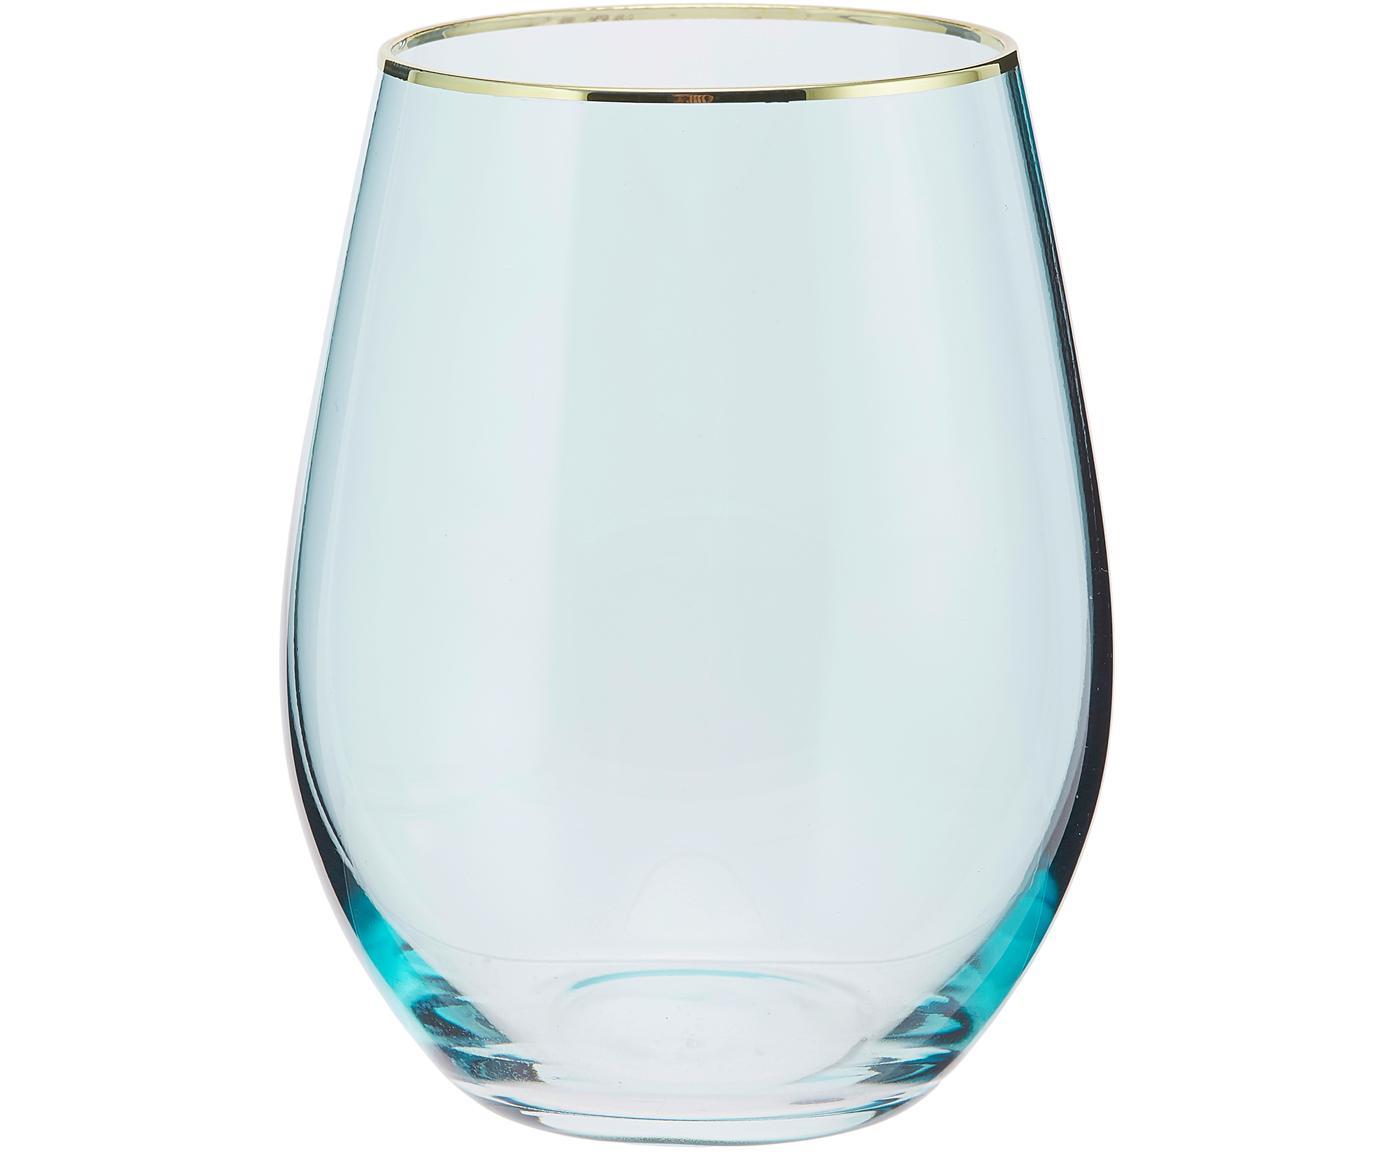 Szklanka do wody Chloe, 4 szt., Szkło, Jasny niebieski, odcienie złotego, Ø 10 x W 15 cm